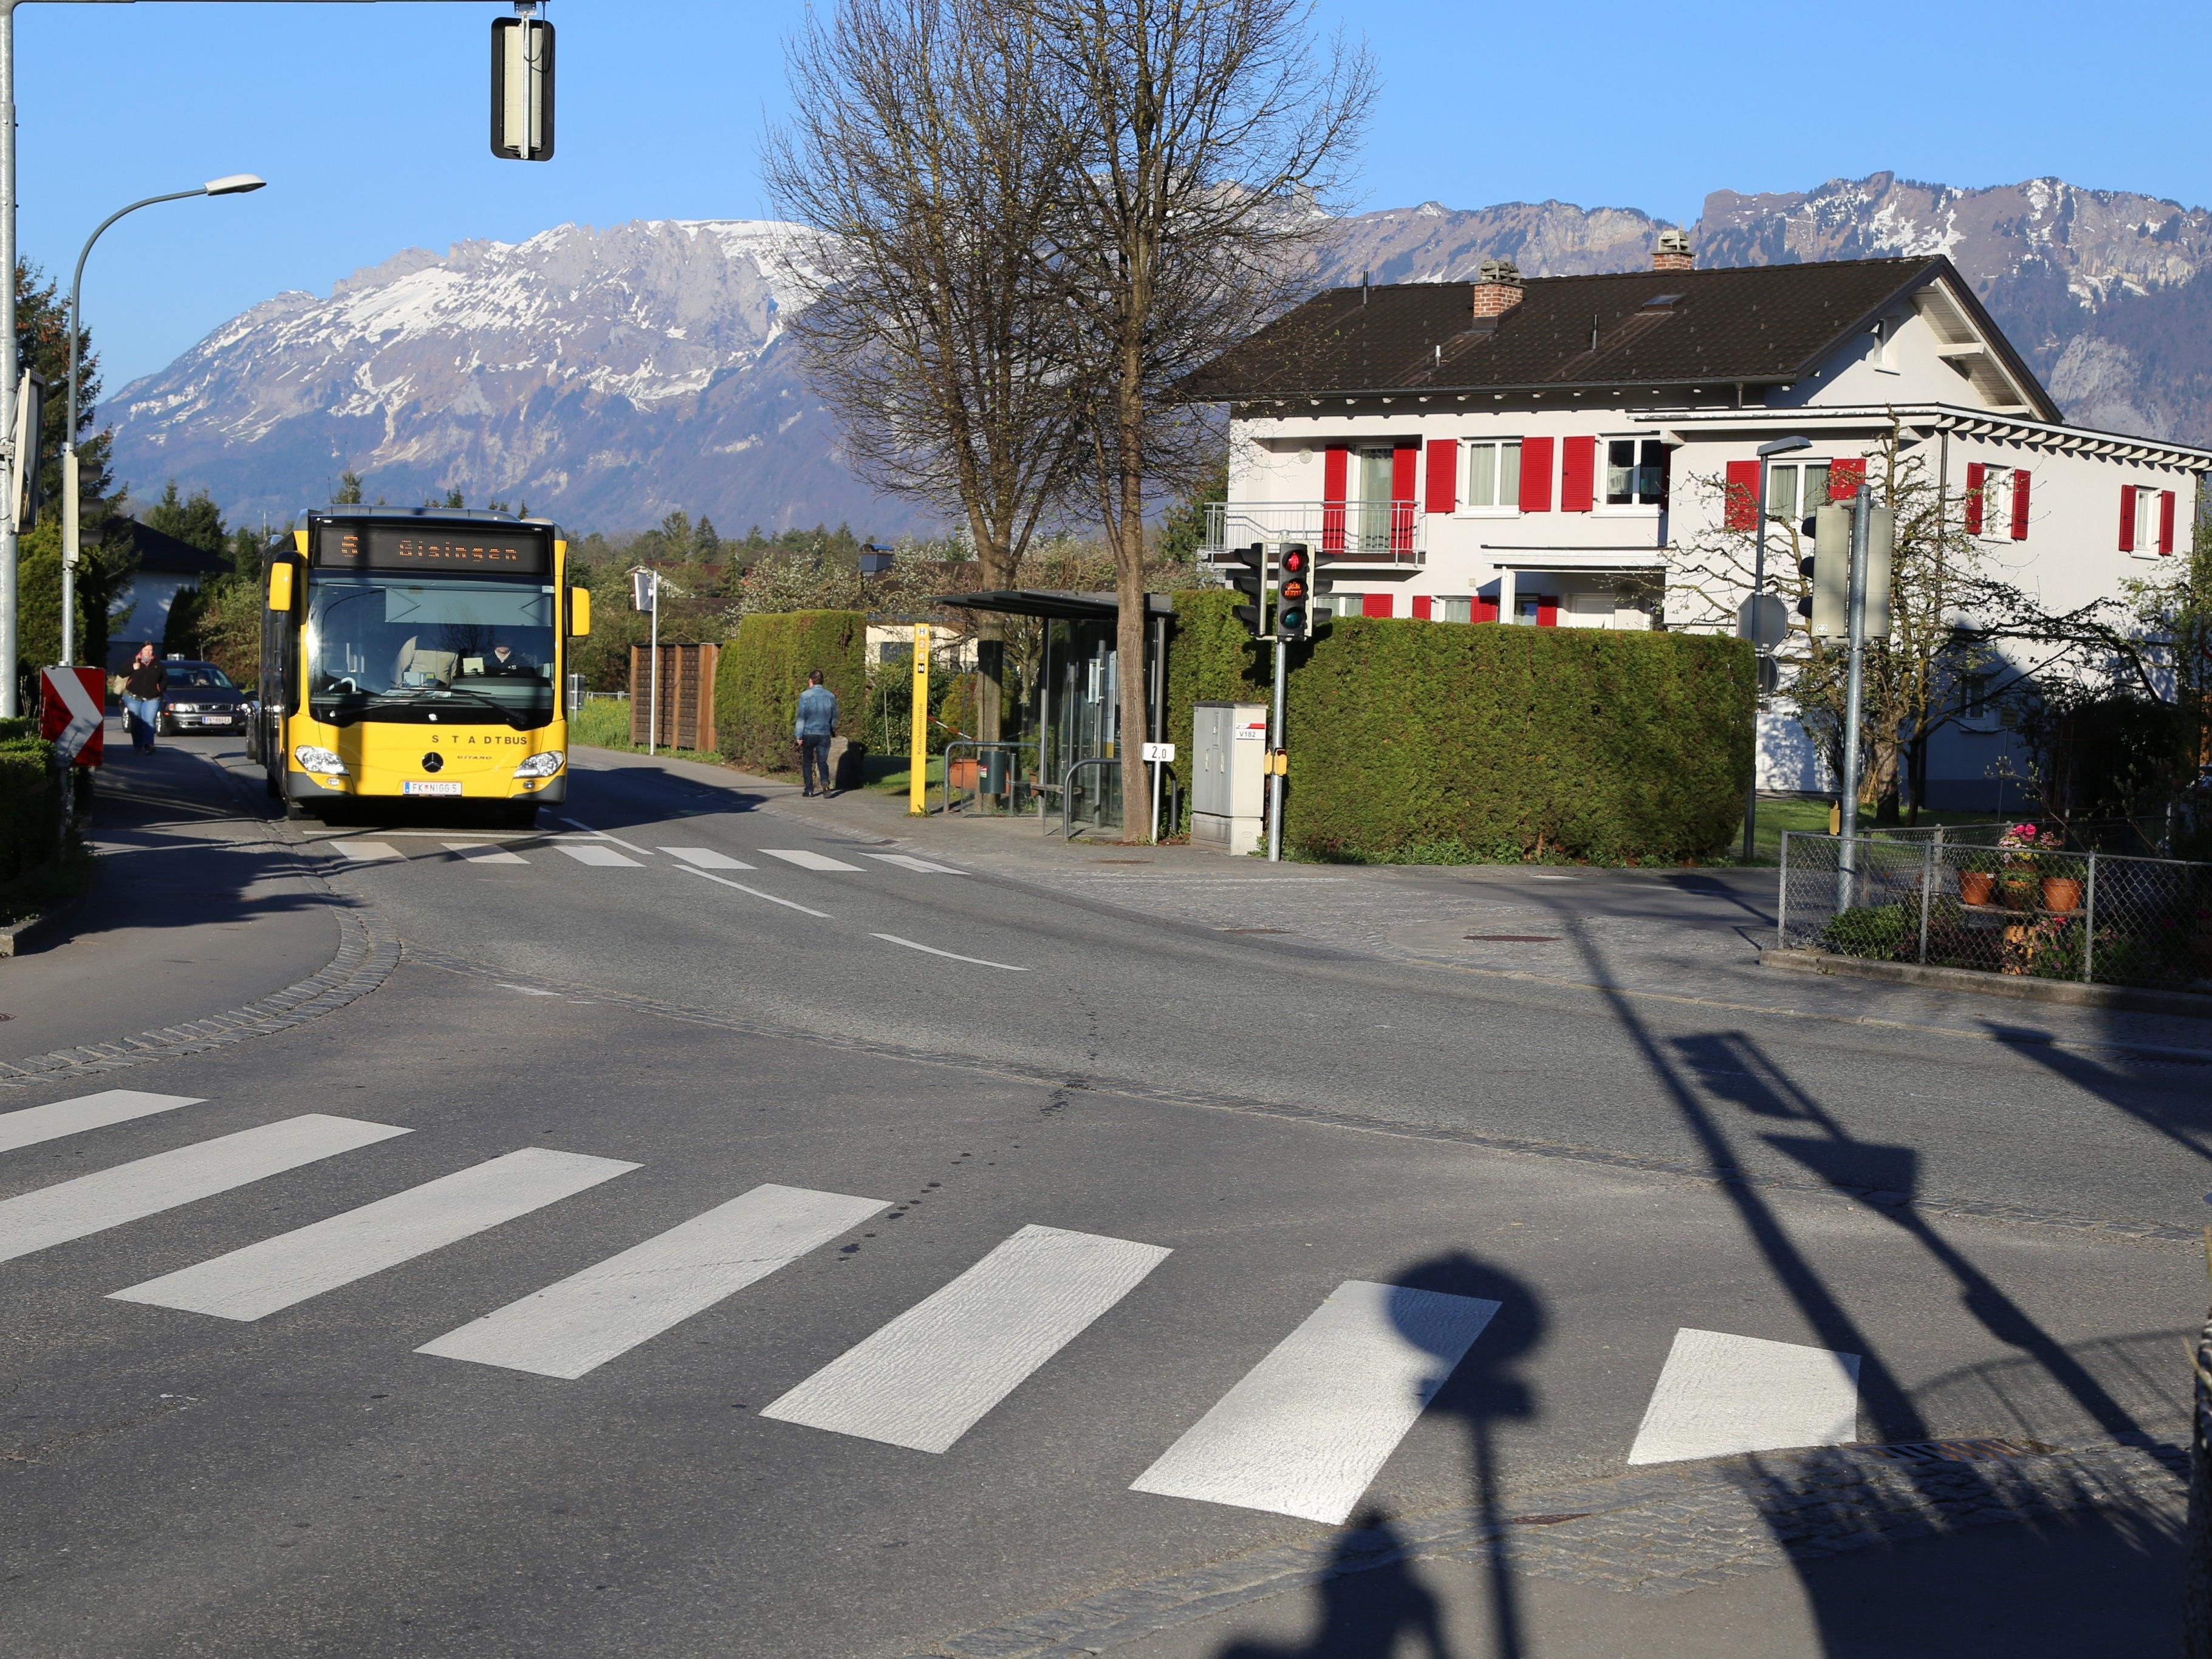 """Die Stadtpolitiker appellieren: """"Halten Sie sich bitte an die Regeln des Straßenverkehrs, fahren Sie angepasst, umsichtig und rücksichtsvoll."""""""